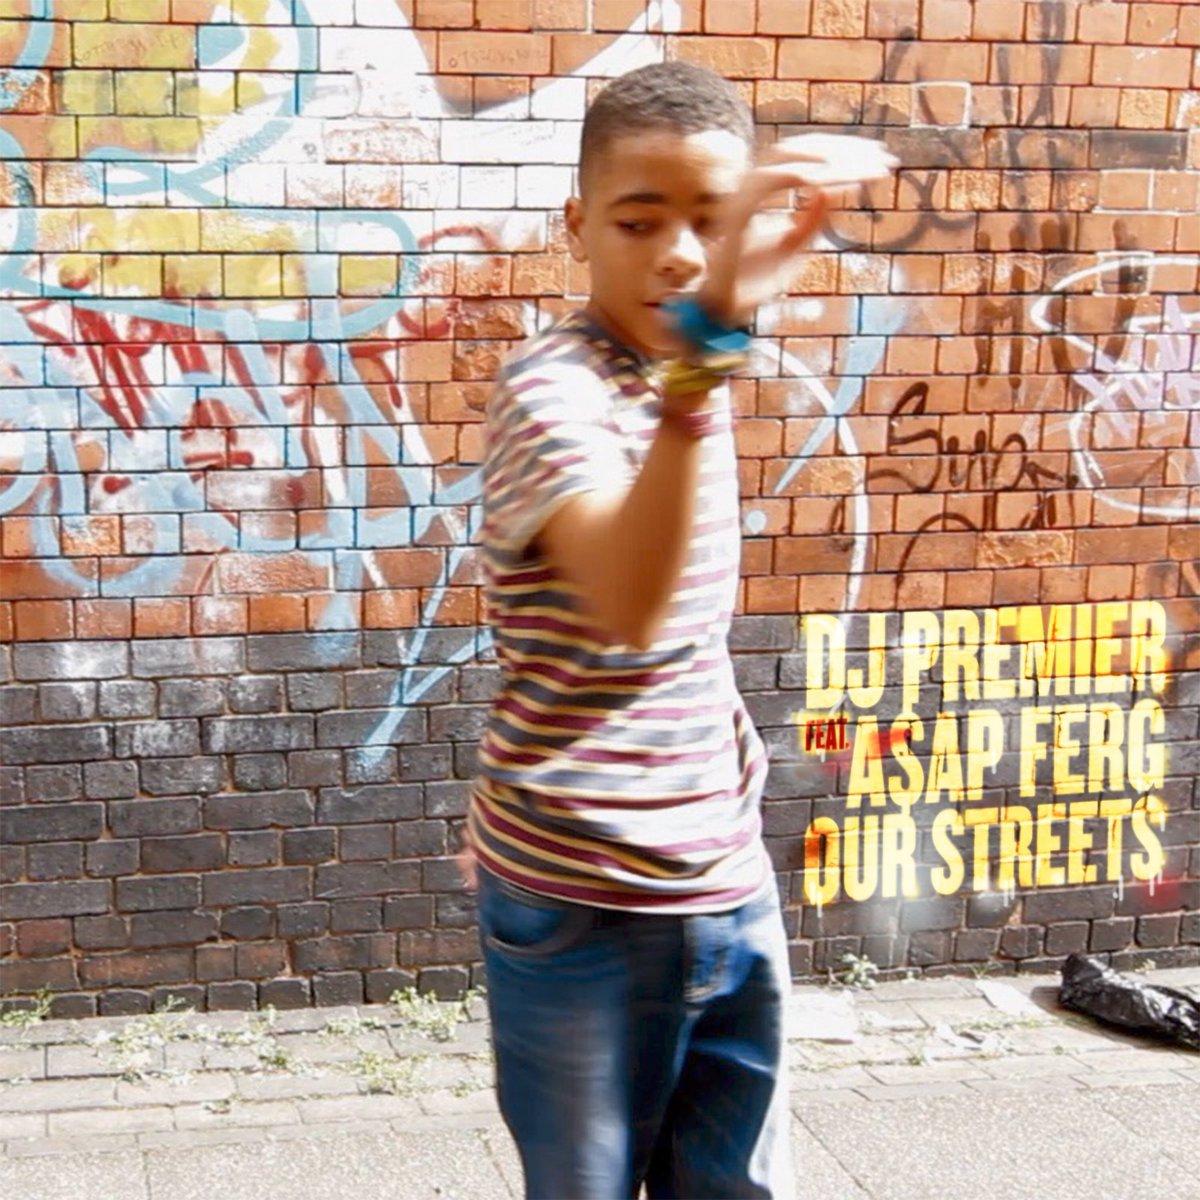 DJ Premier Our Streets